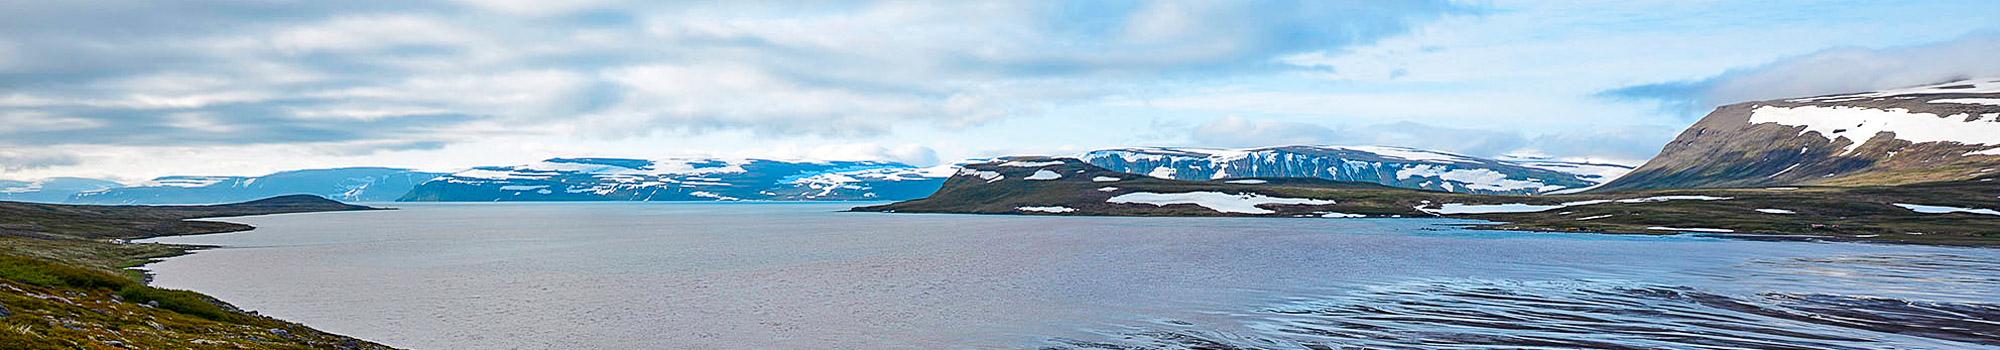 Landscape of the Westfjords of Iceland